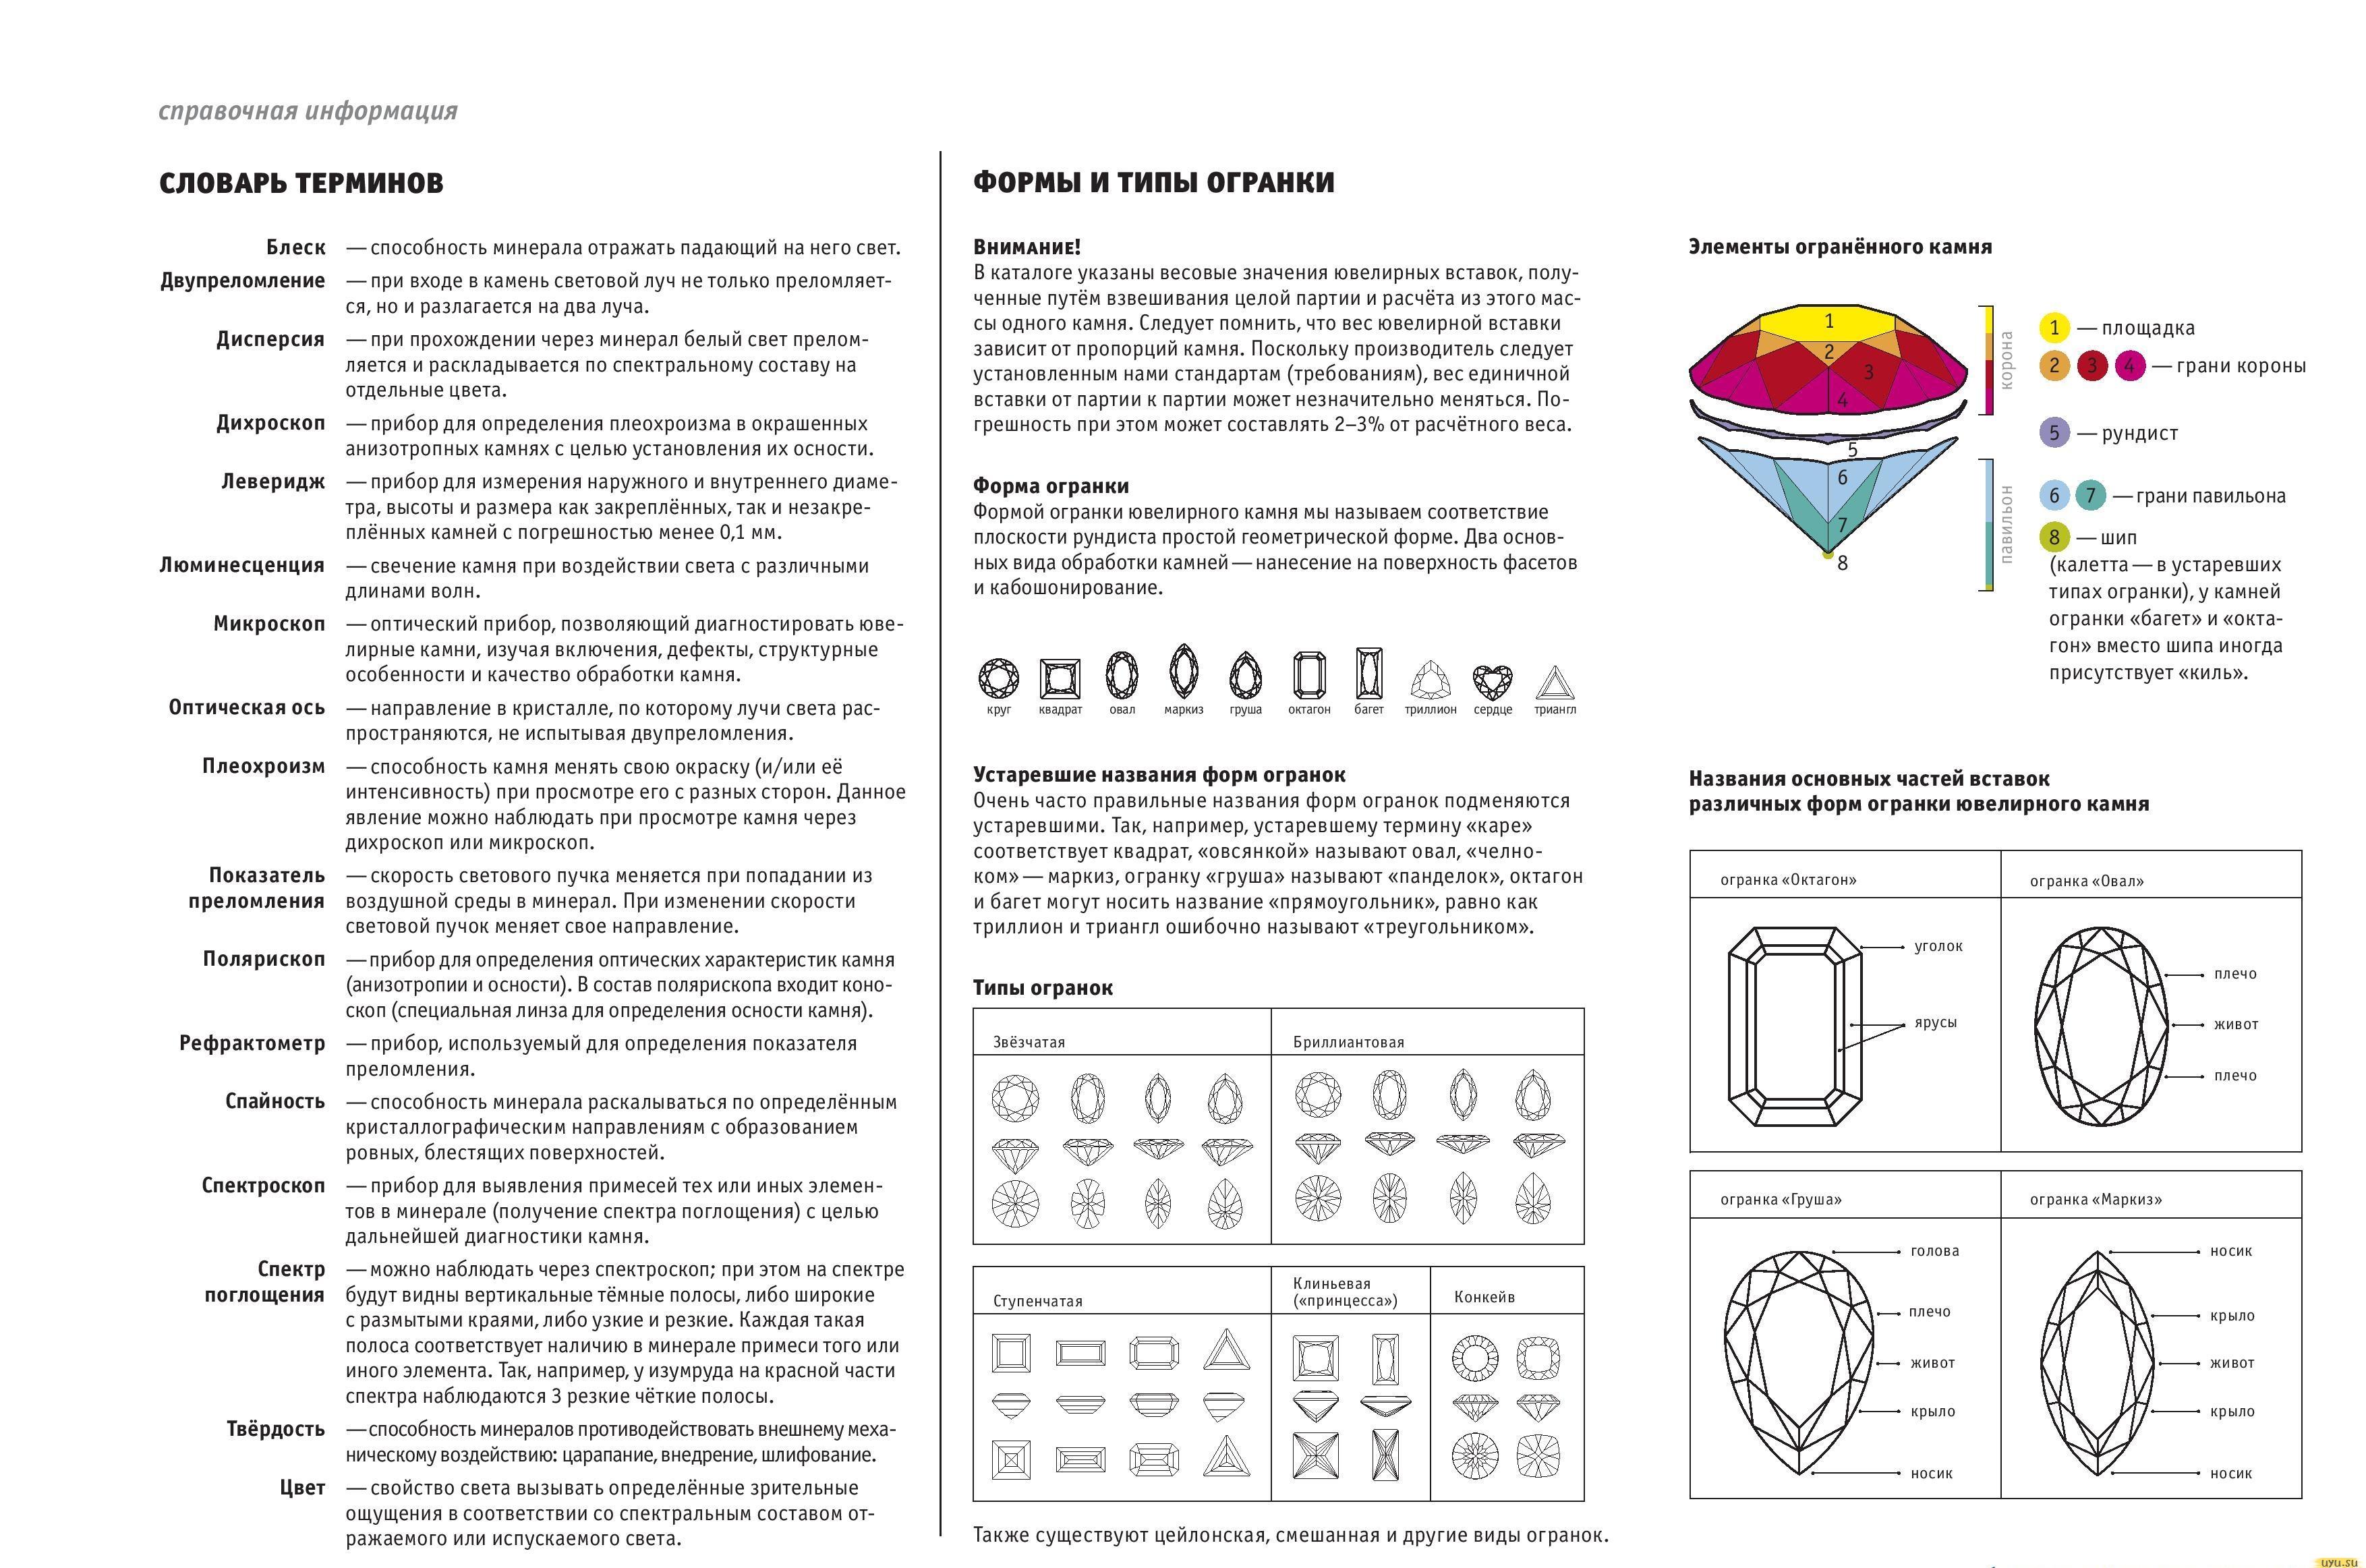 Карат: происхождение единицы измерения массы, применение в ювелирной области для драгоценных камней